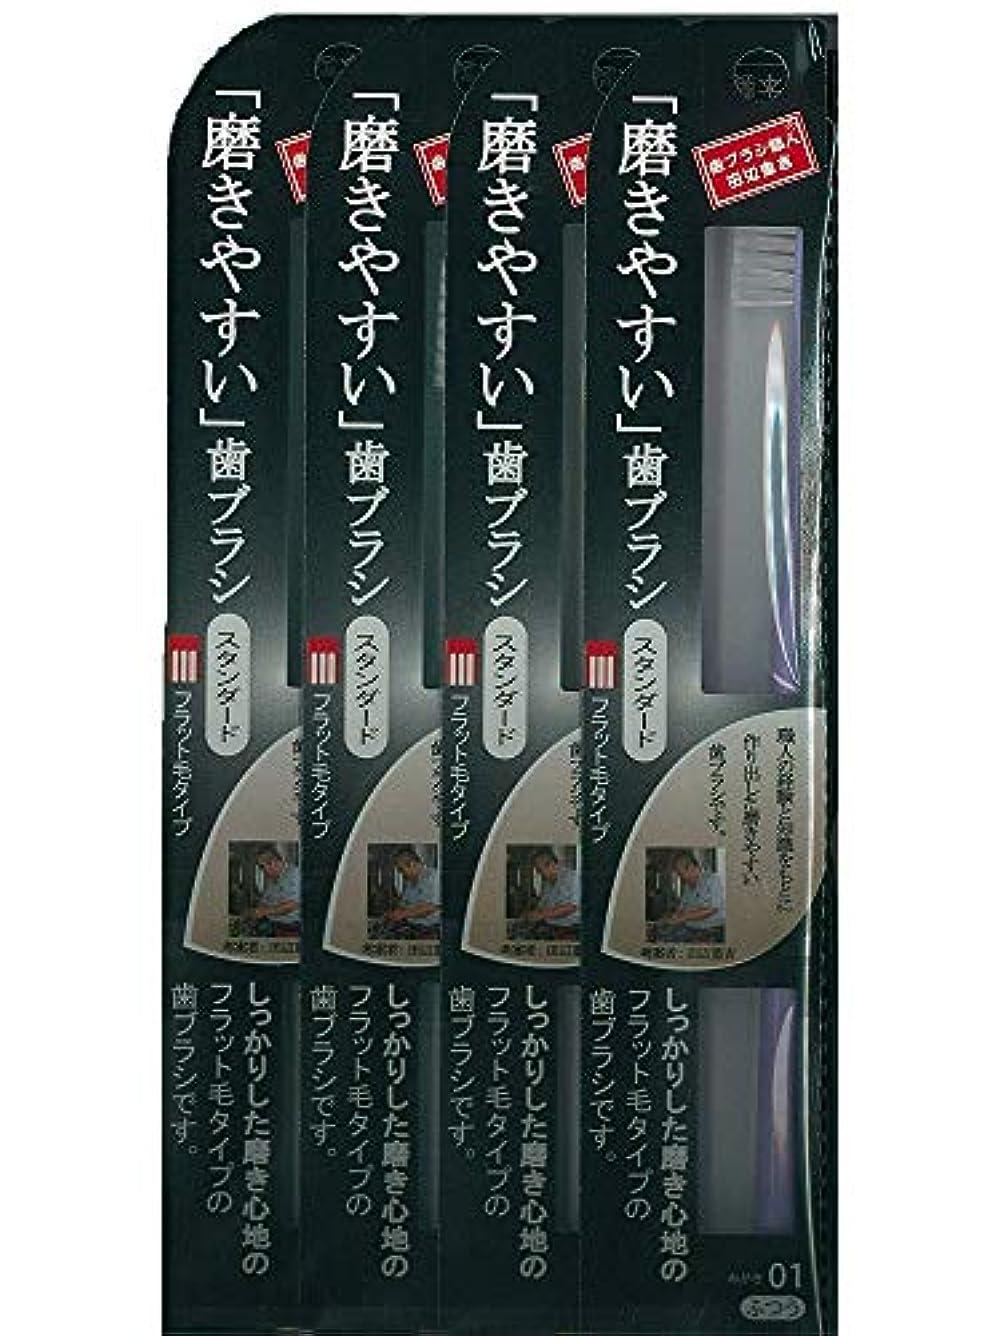 浸す生命体司書歯ブラシ職人 田辺重吉 磨きやすい歯ブラシ スタンダード フラット毛タイプ LT-01 (1本×4個セット)